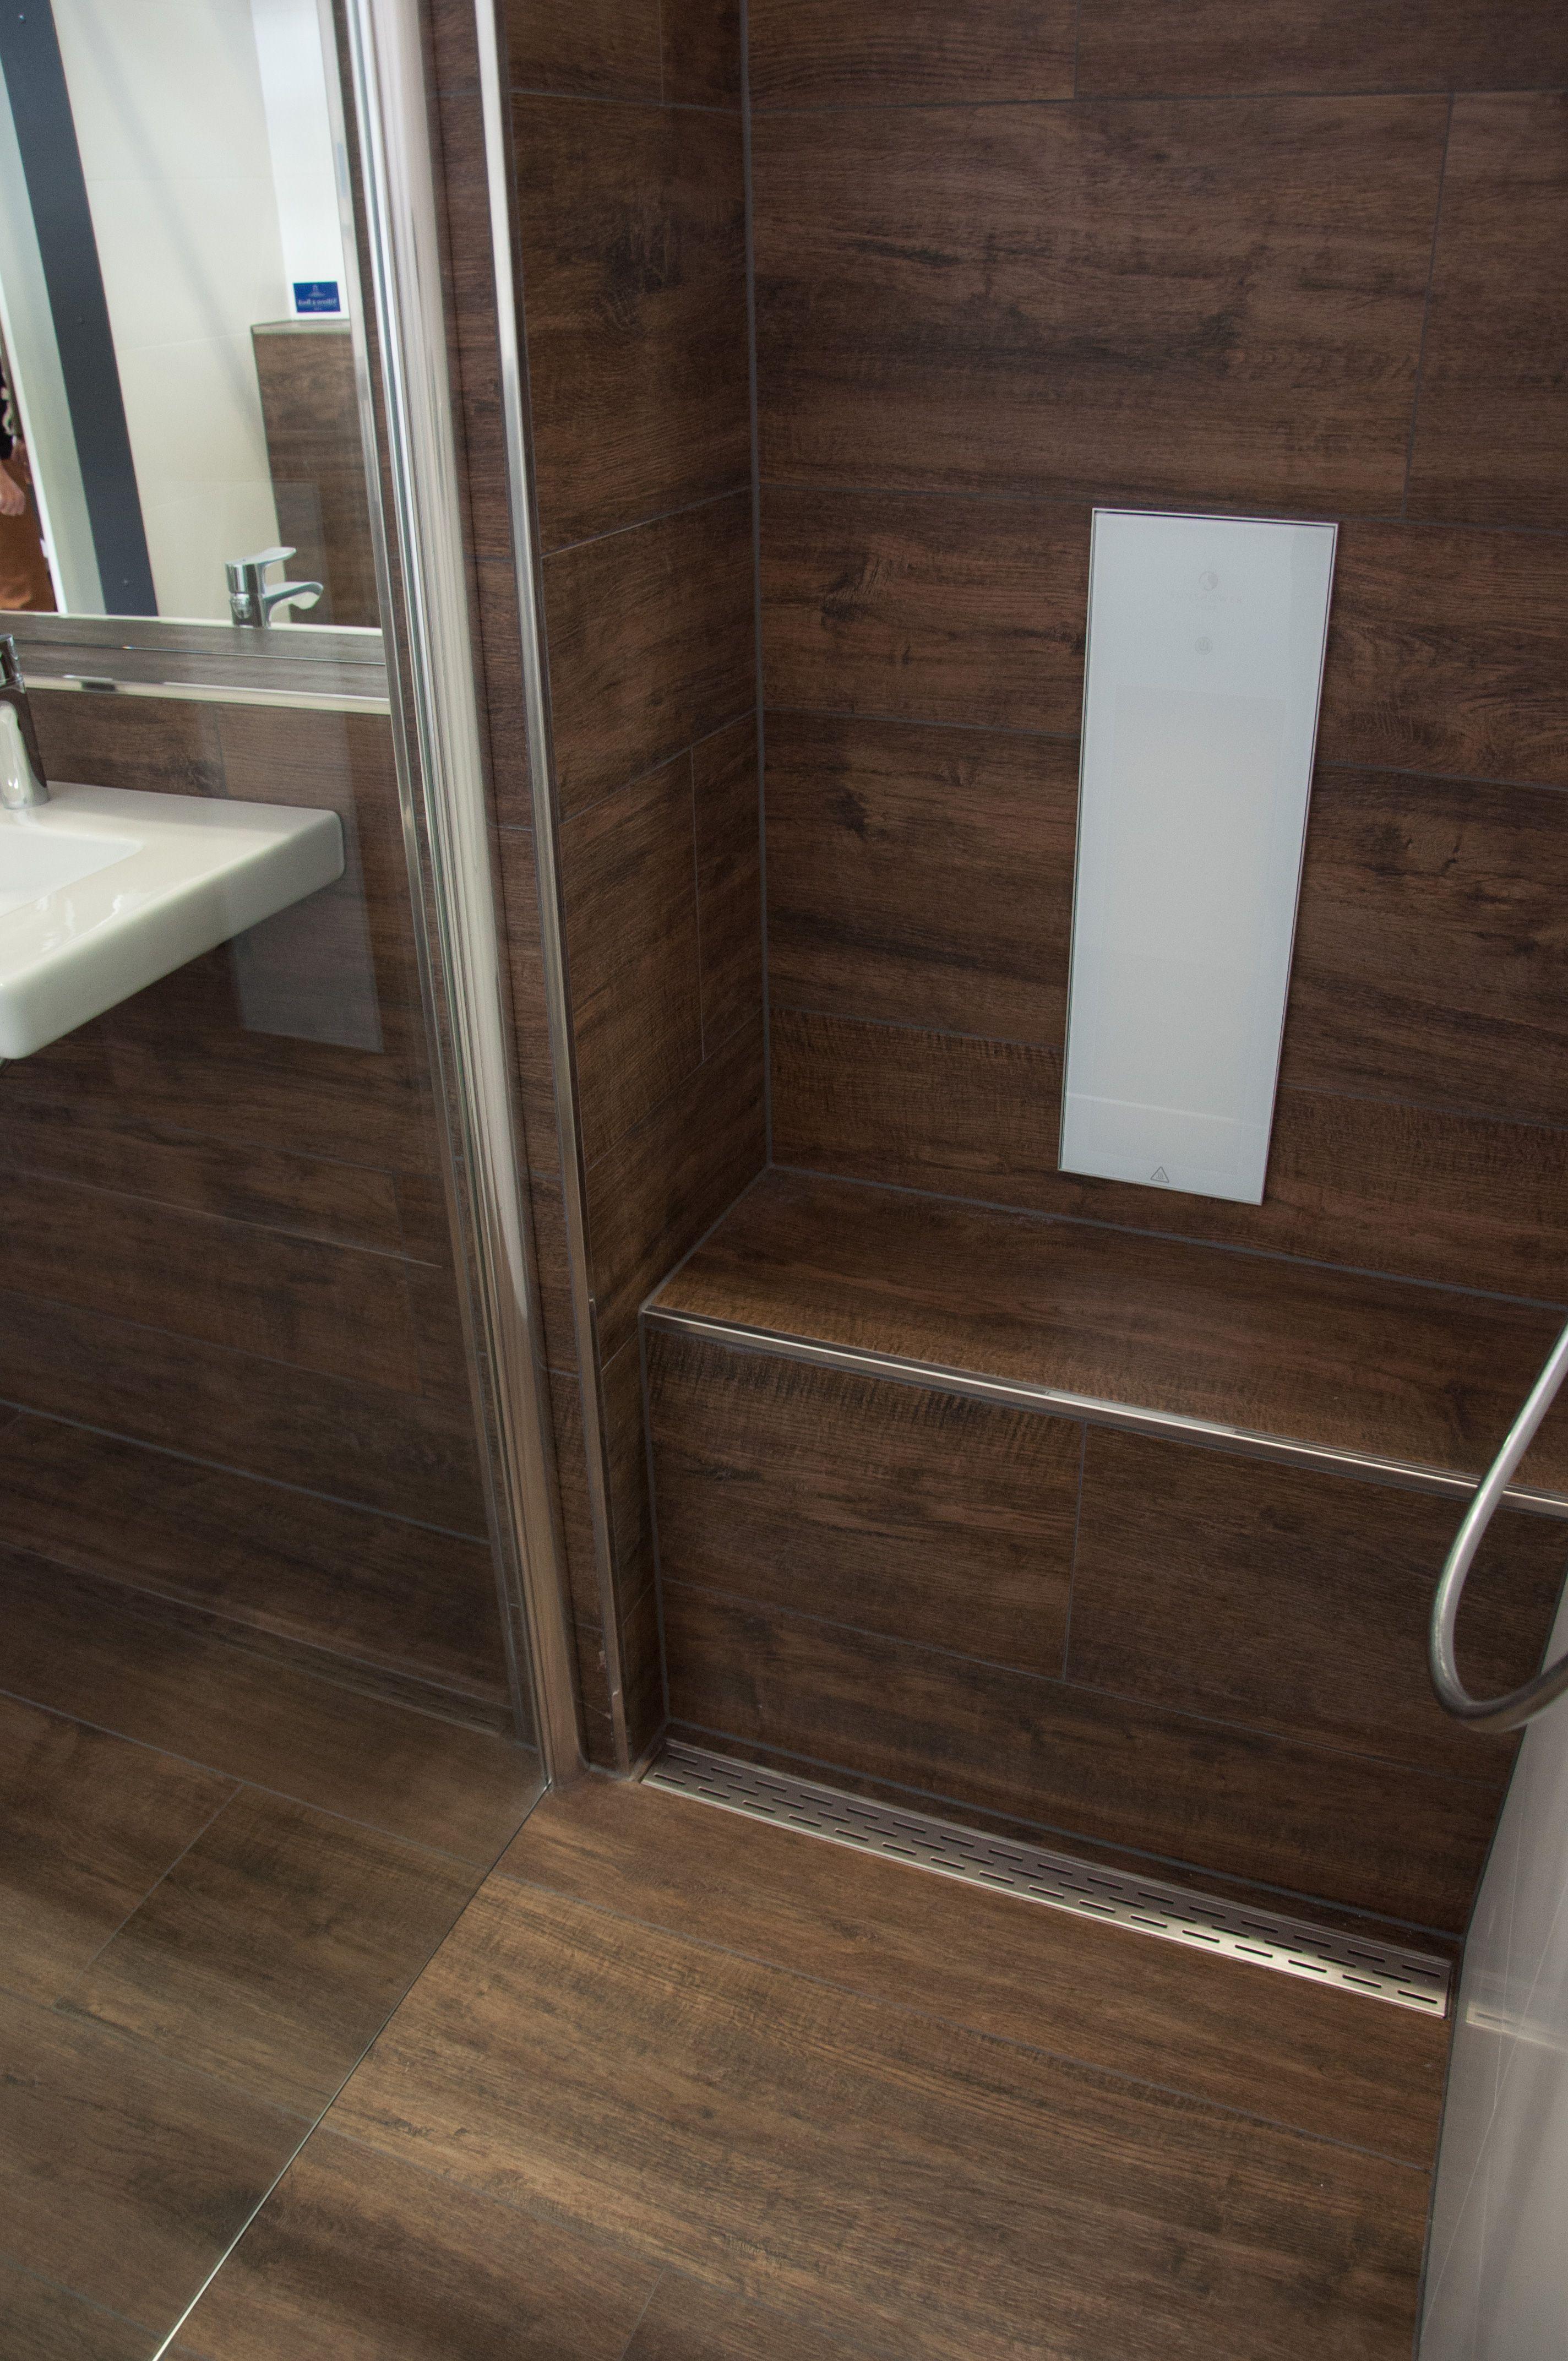 Dusche sitzbank aus fliesen in holzoptik bodenebene for Badgestaltung holz